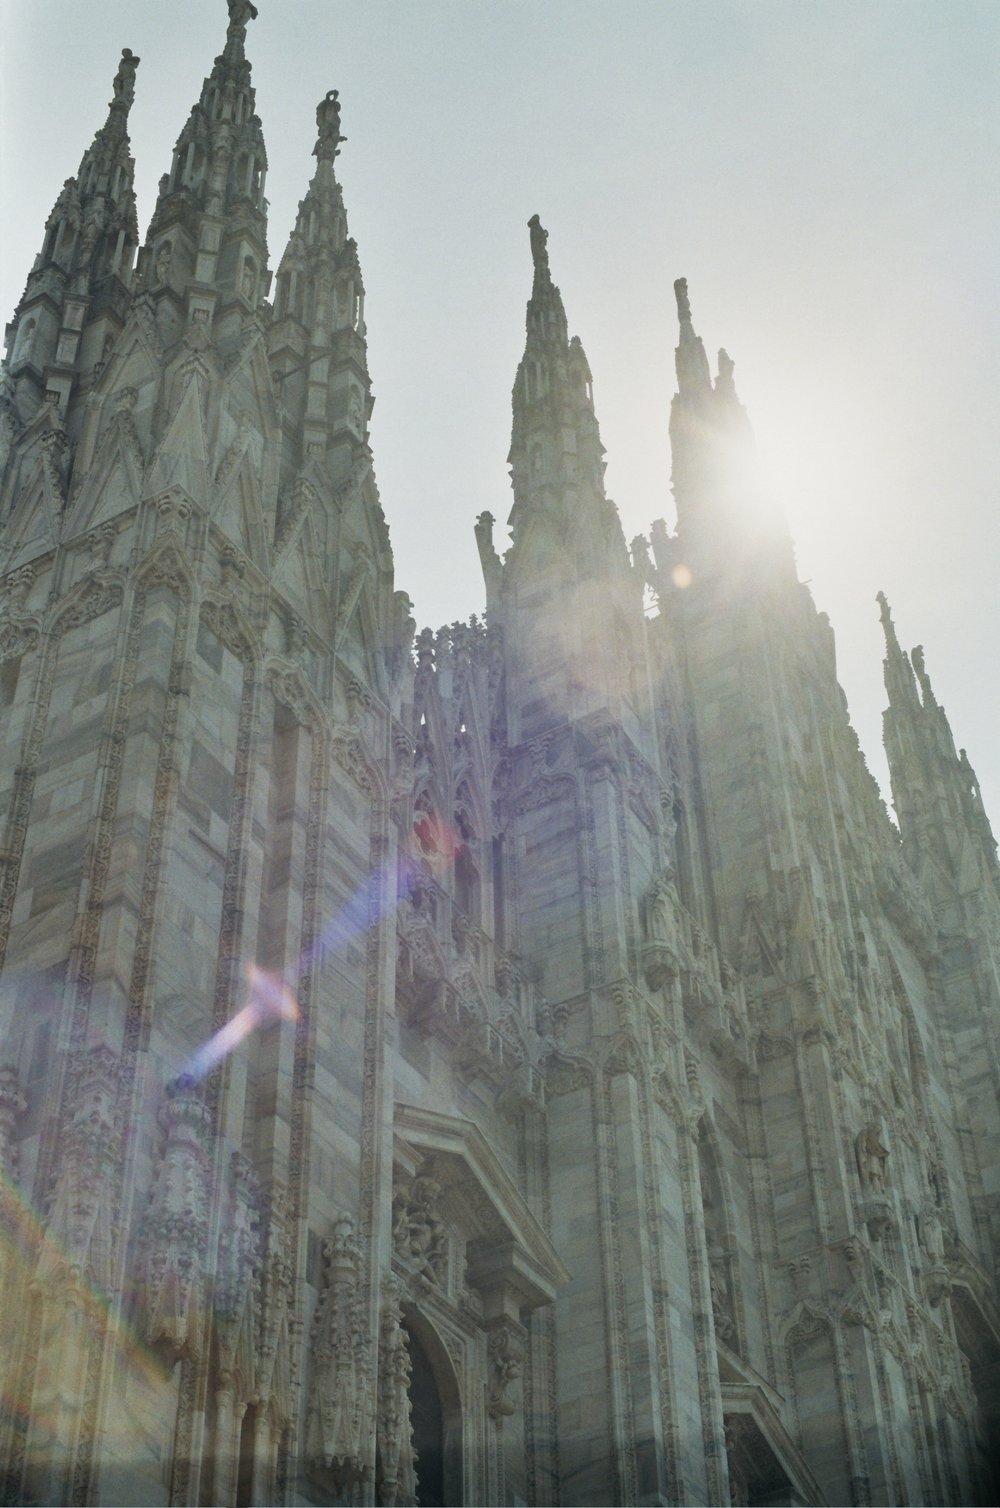 Milano Duomo - Milan's awe inspiring cathedral